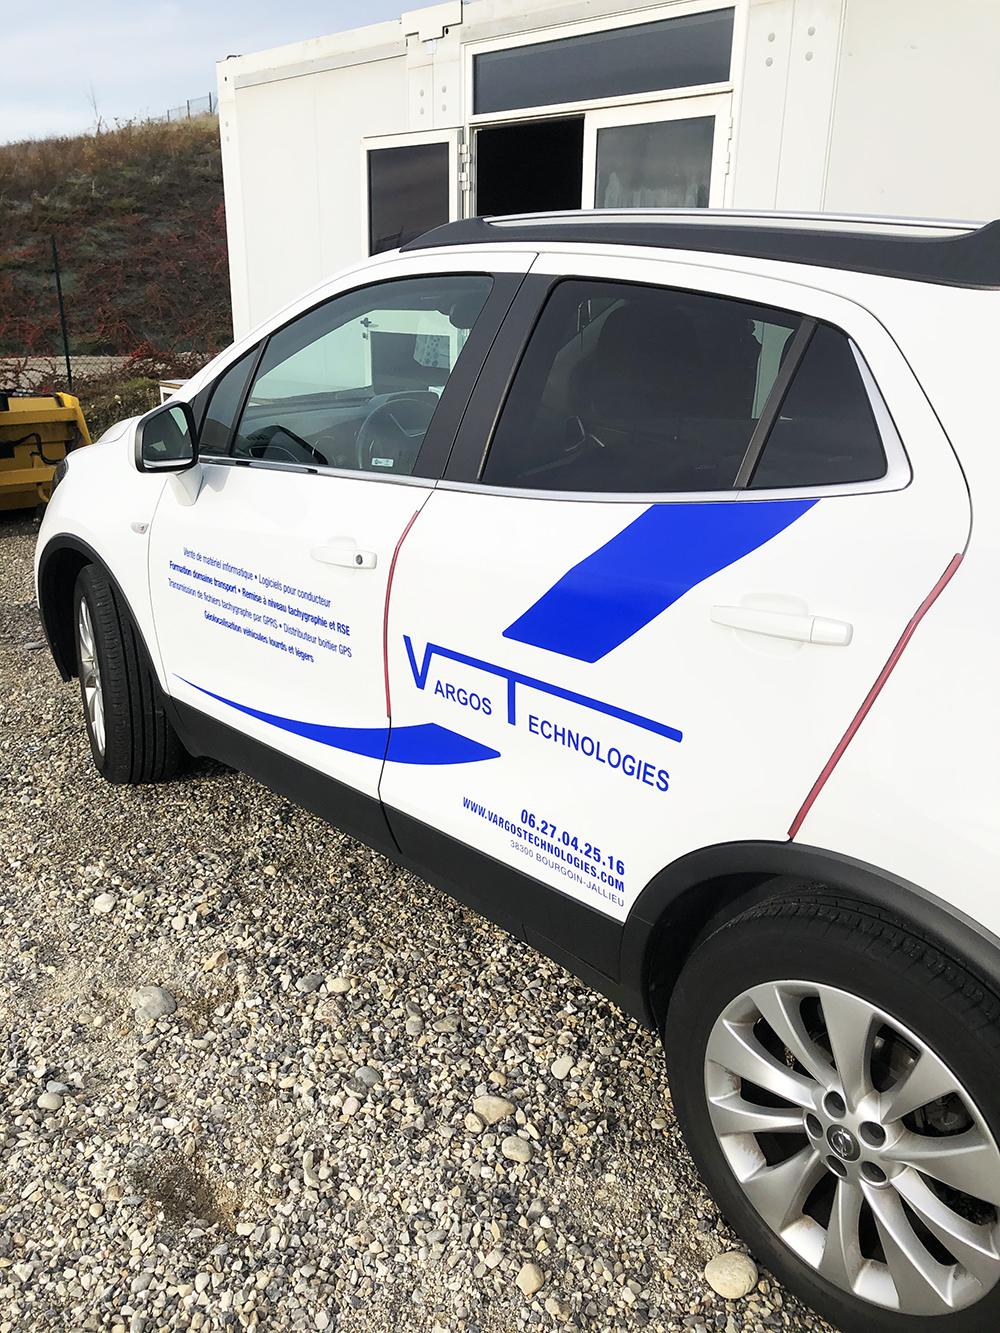 Pose de stickers pour voiture d'entreprise Vargos Technologie